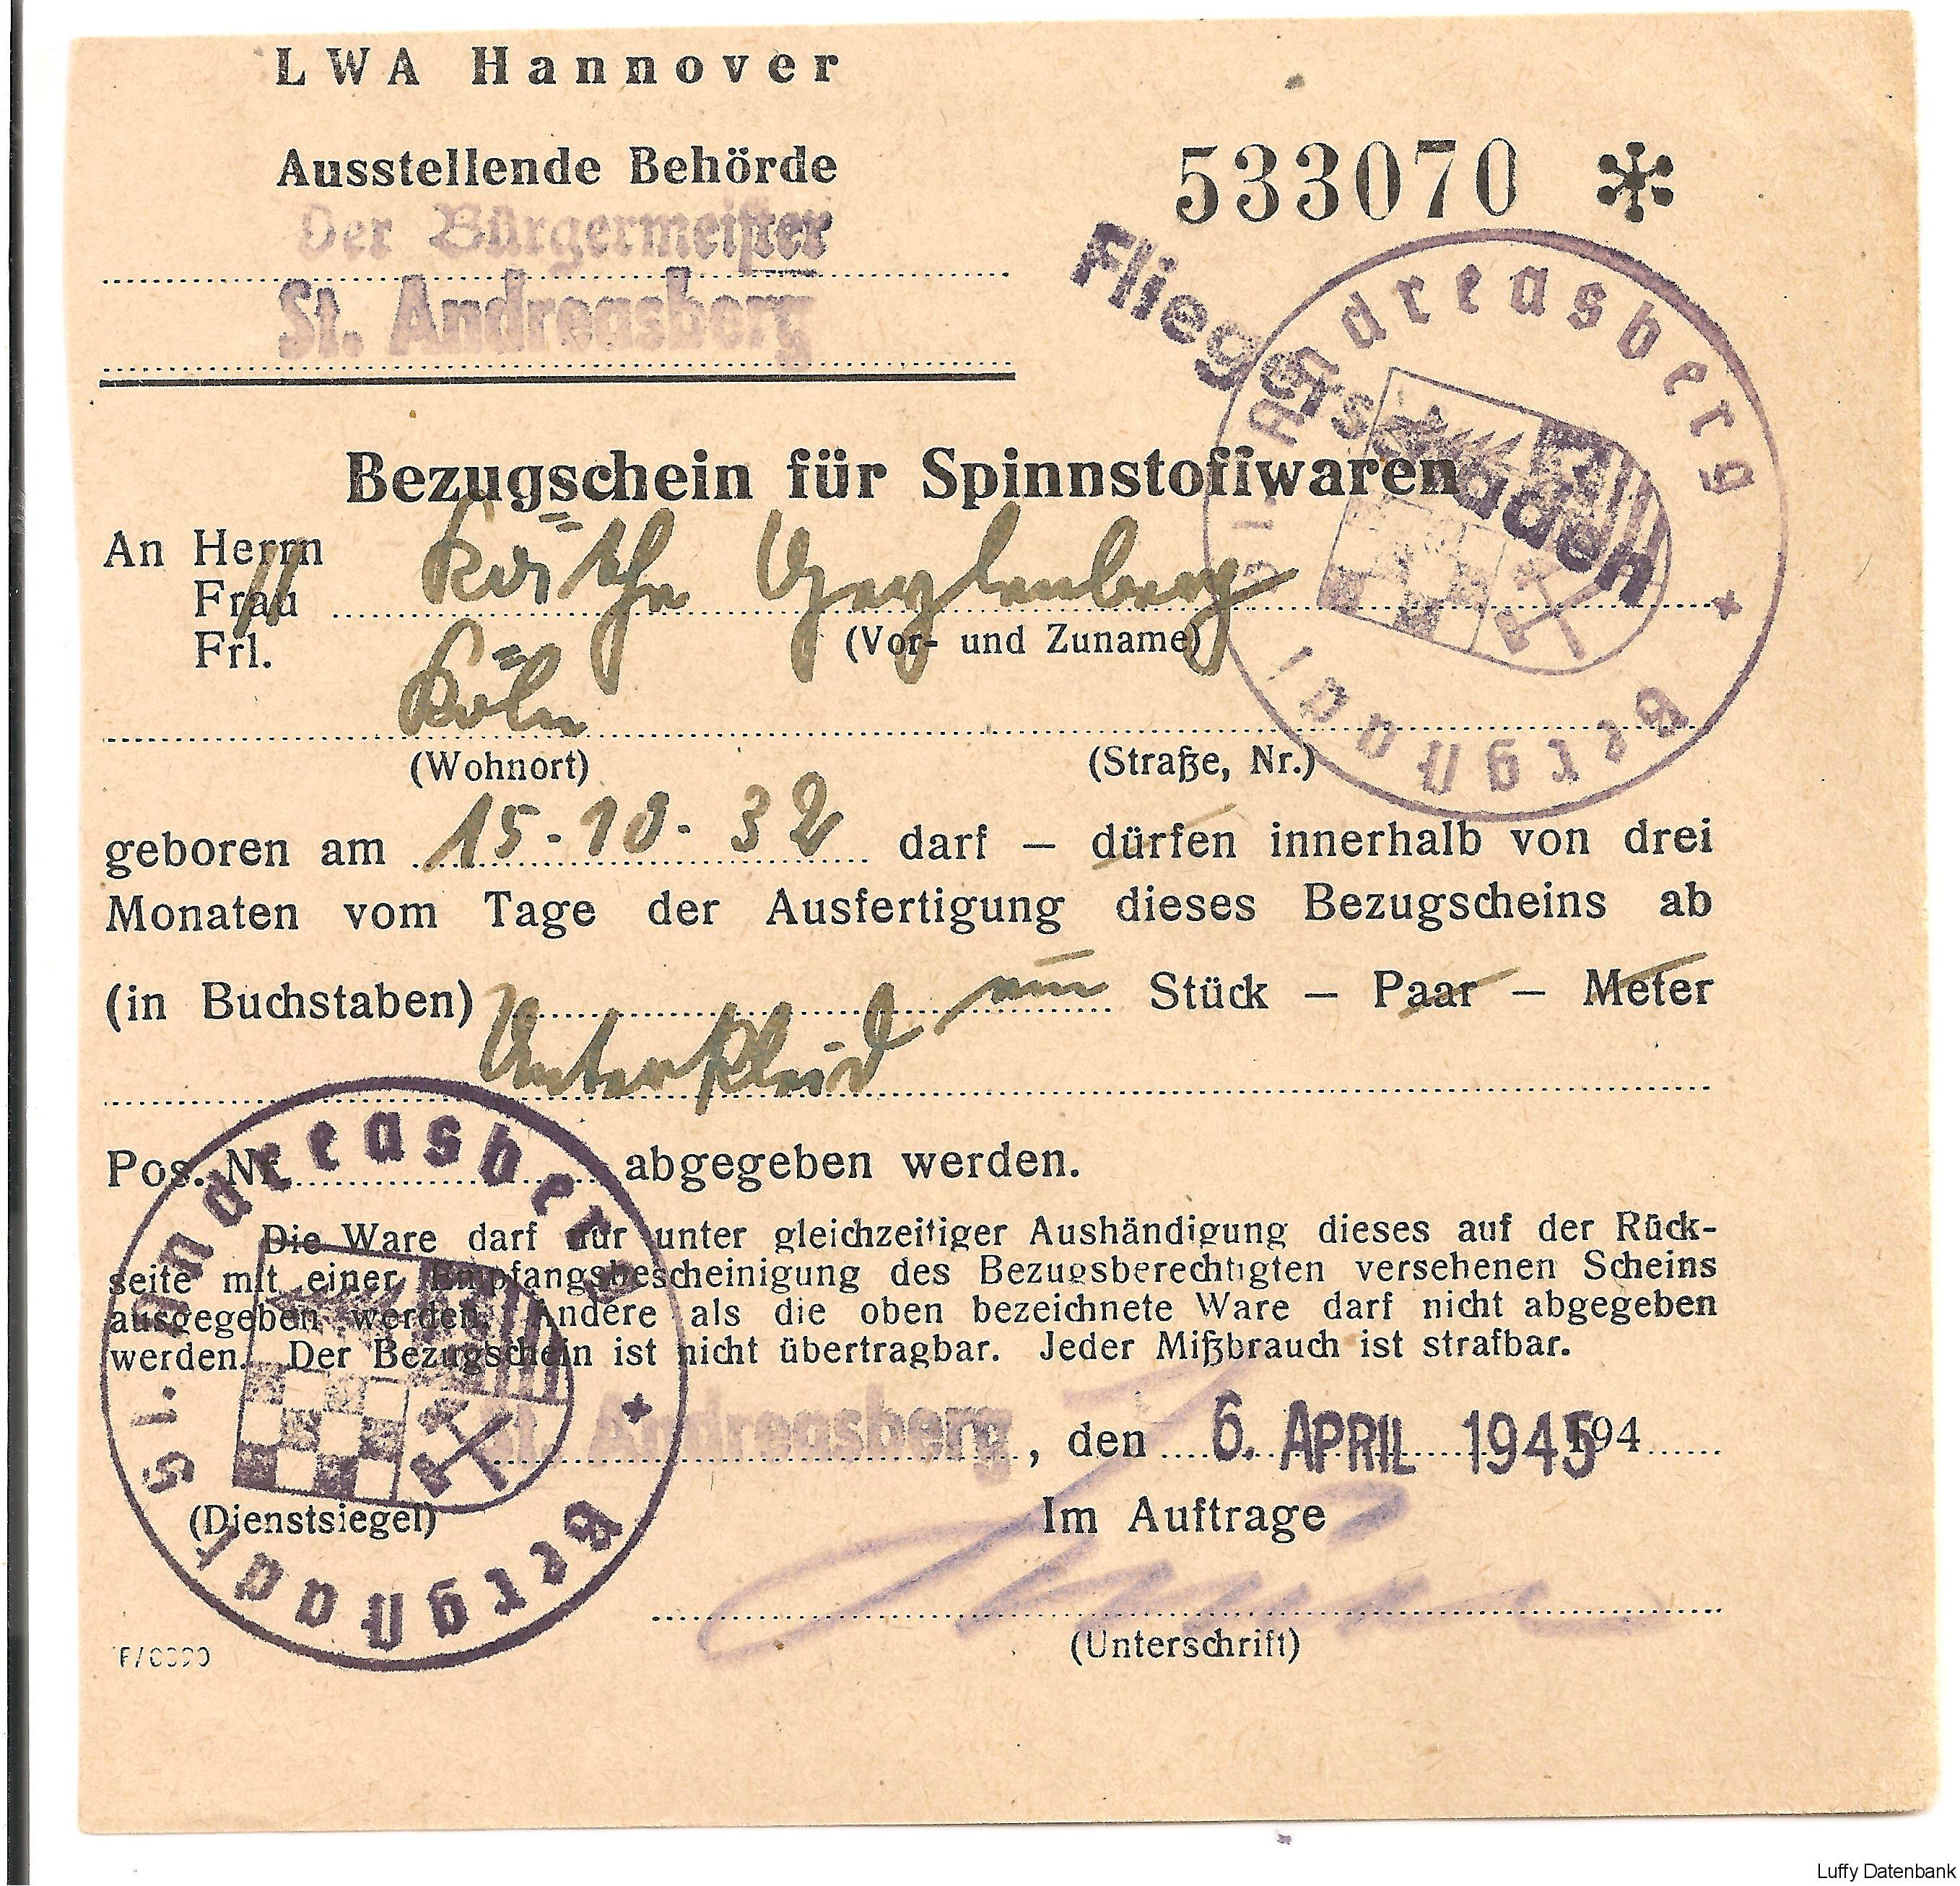 Der Schein wurde am 06. April 1945 ausgegeben. Am 15 April wurde St ...